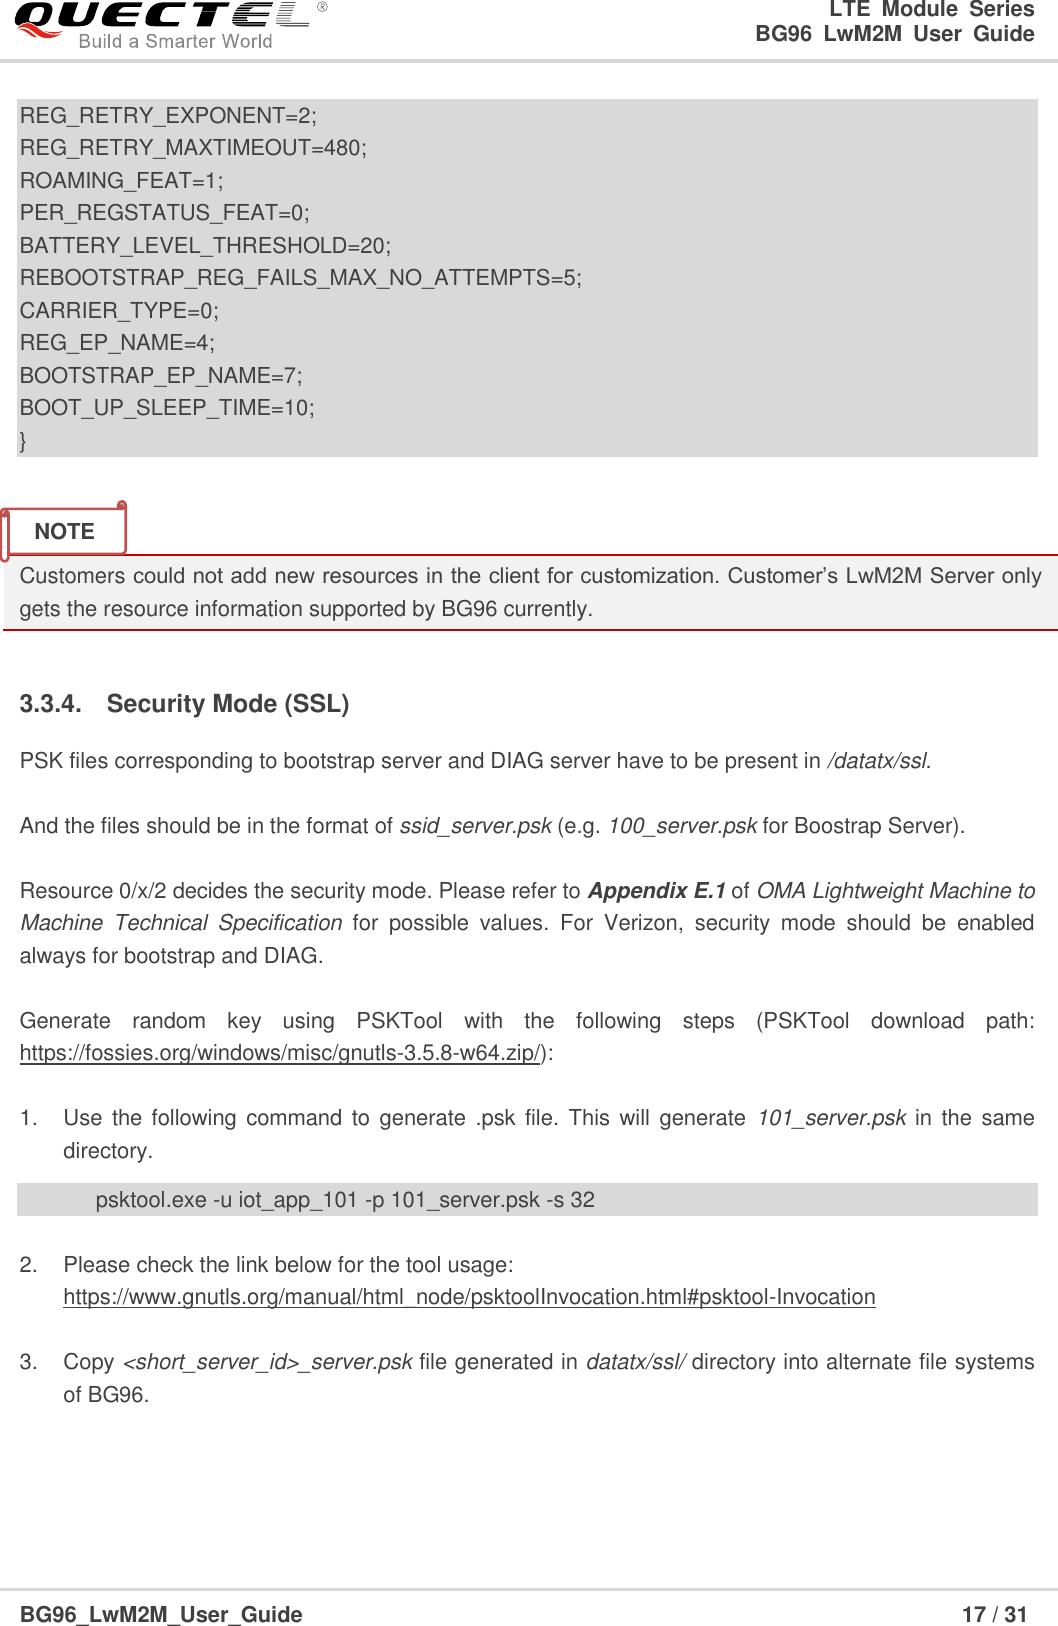 Quectel BG96 Lw M2M User Guide V1 0